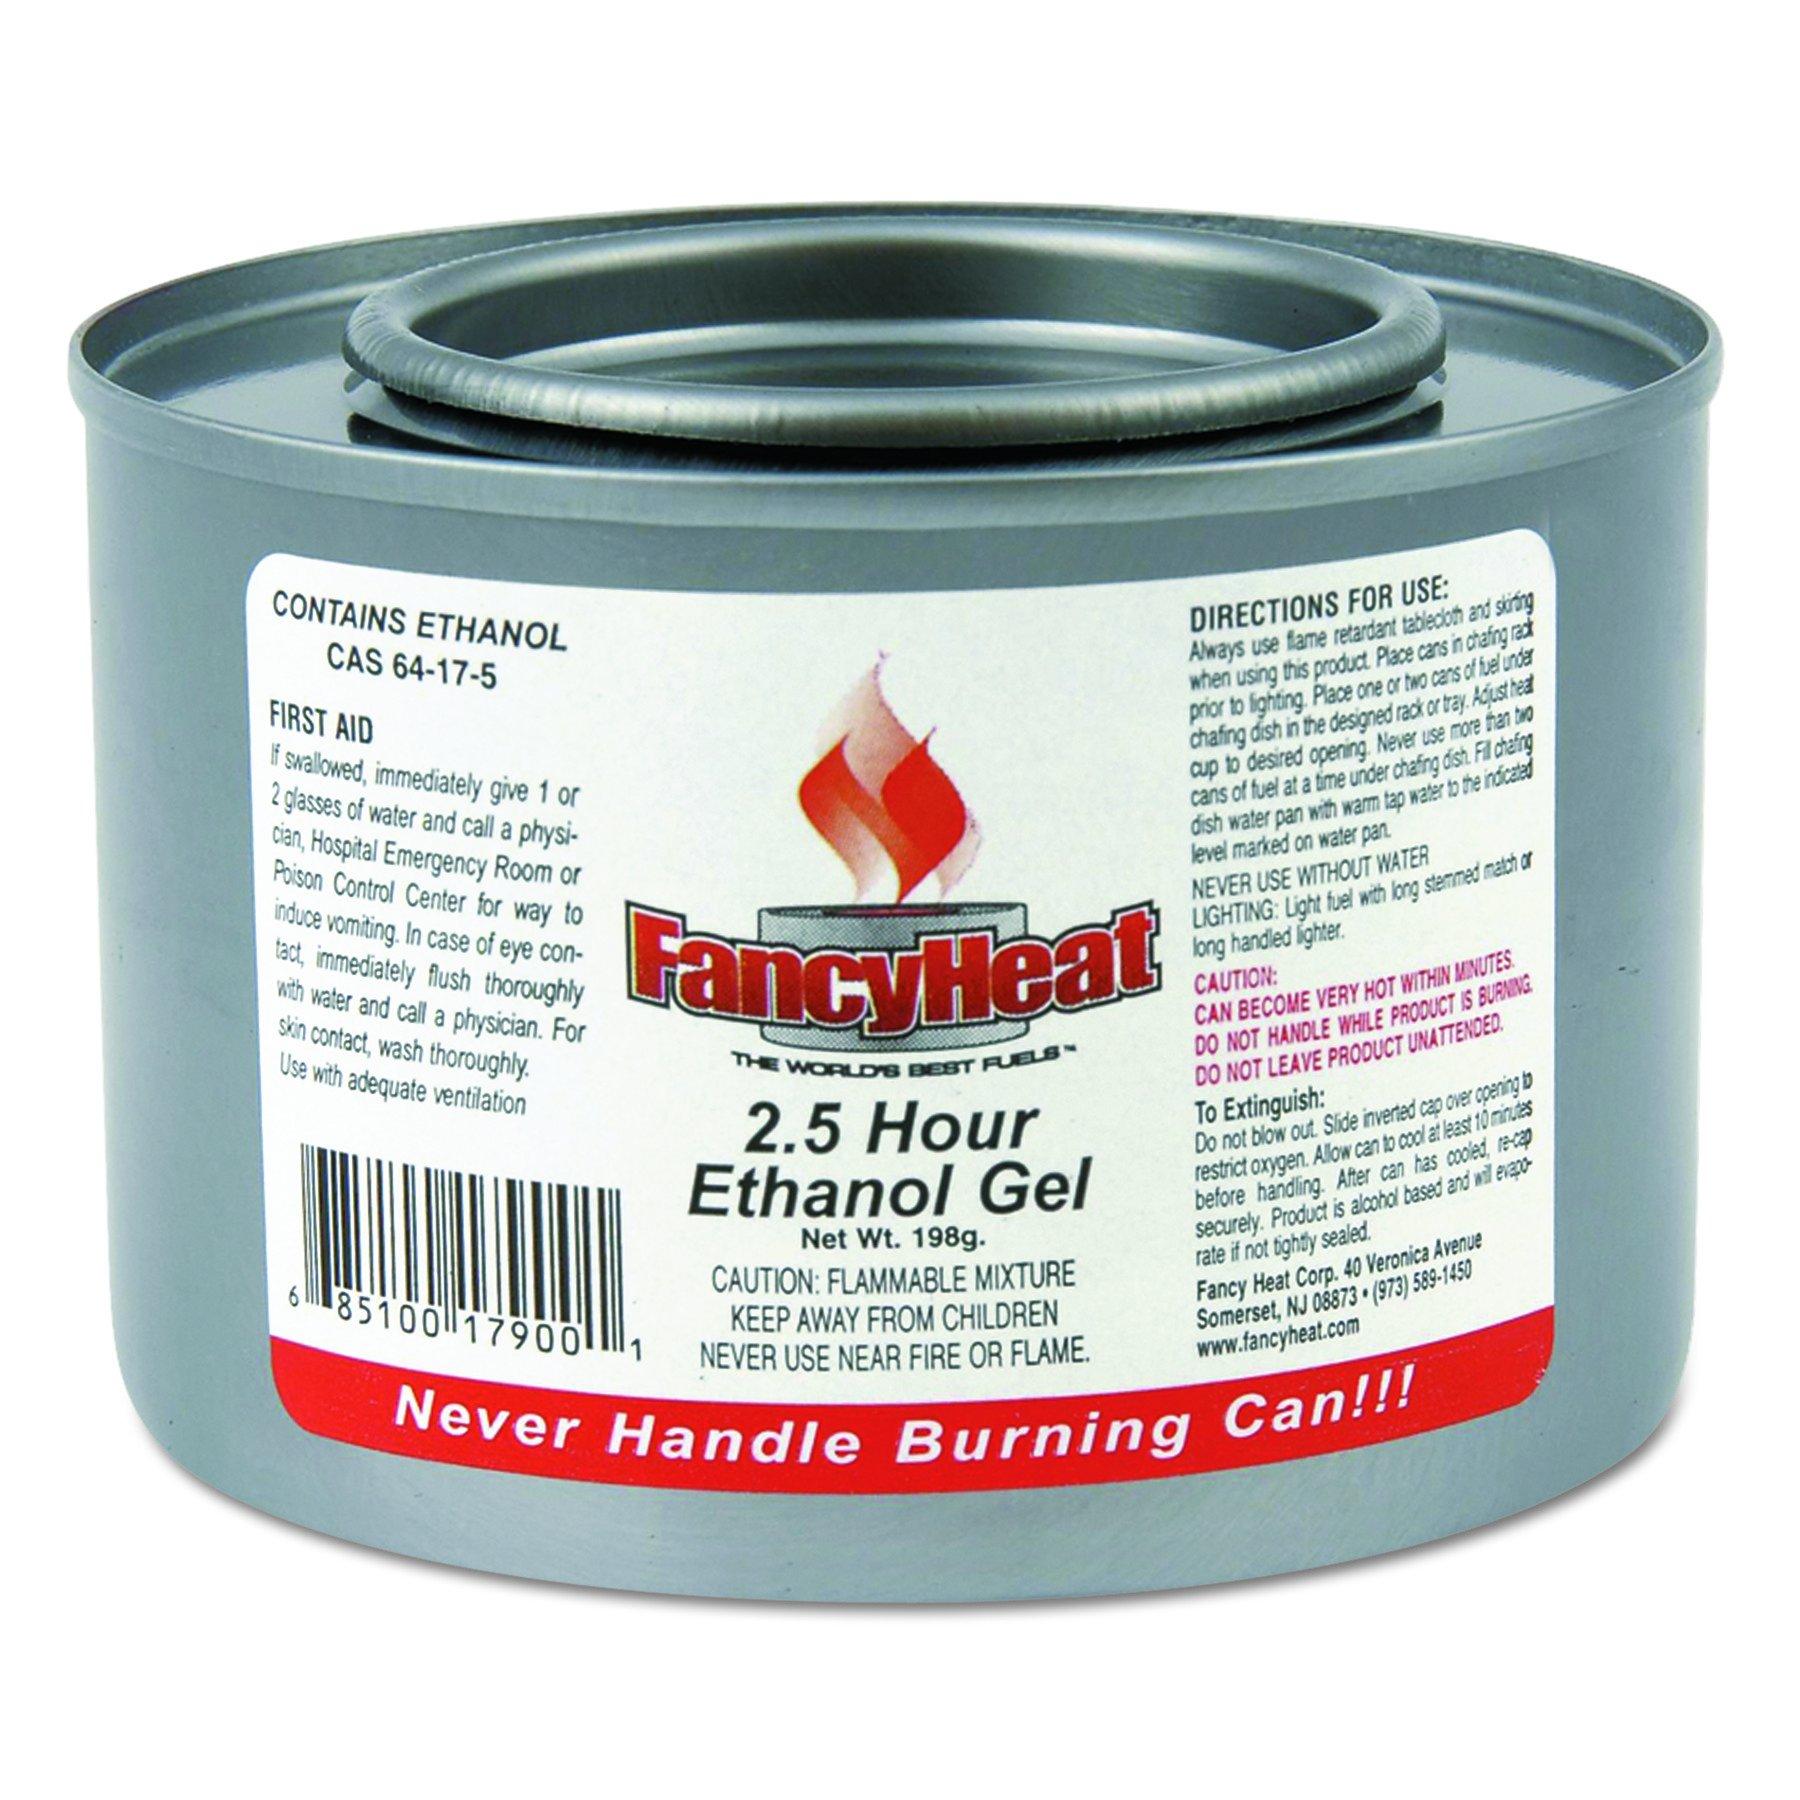 FancyHeat F900 Ethanol Gel Chafing Fuel Can, 2-1/2 Hour Burn, 7 oz (Case of 72) by FANCY HEAT